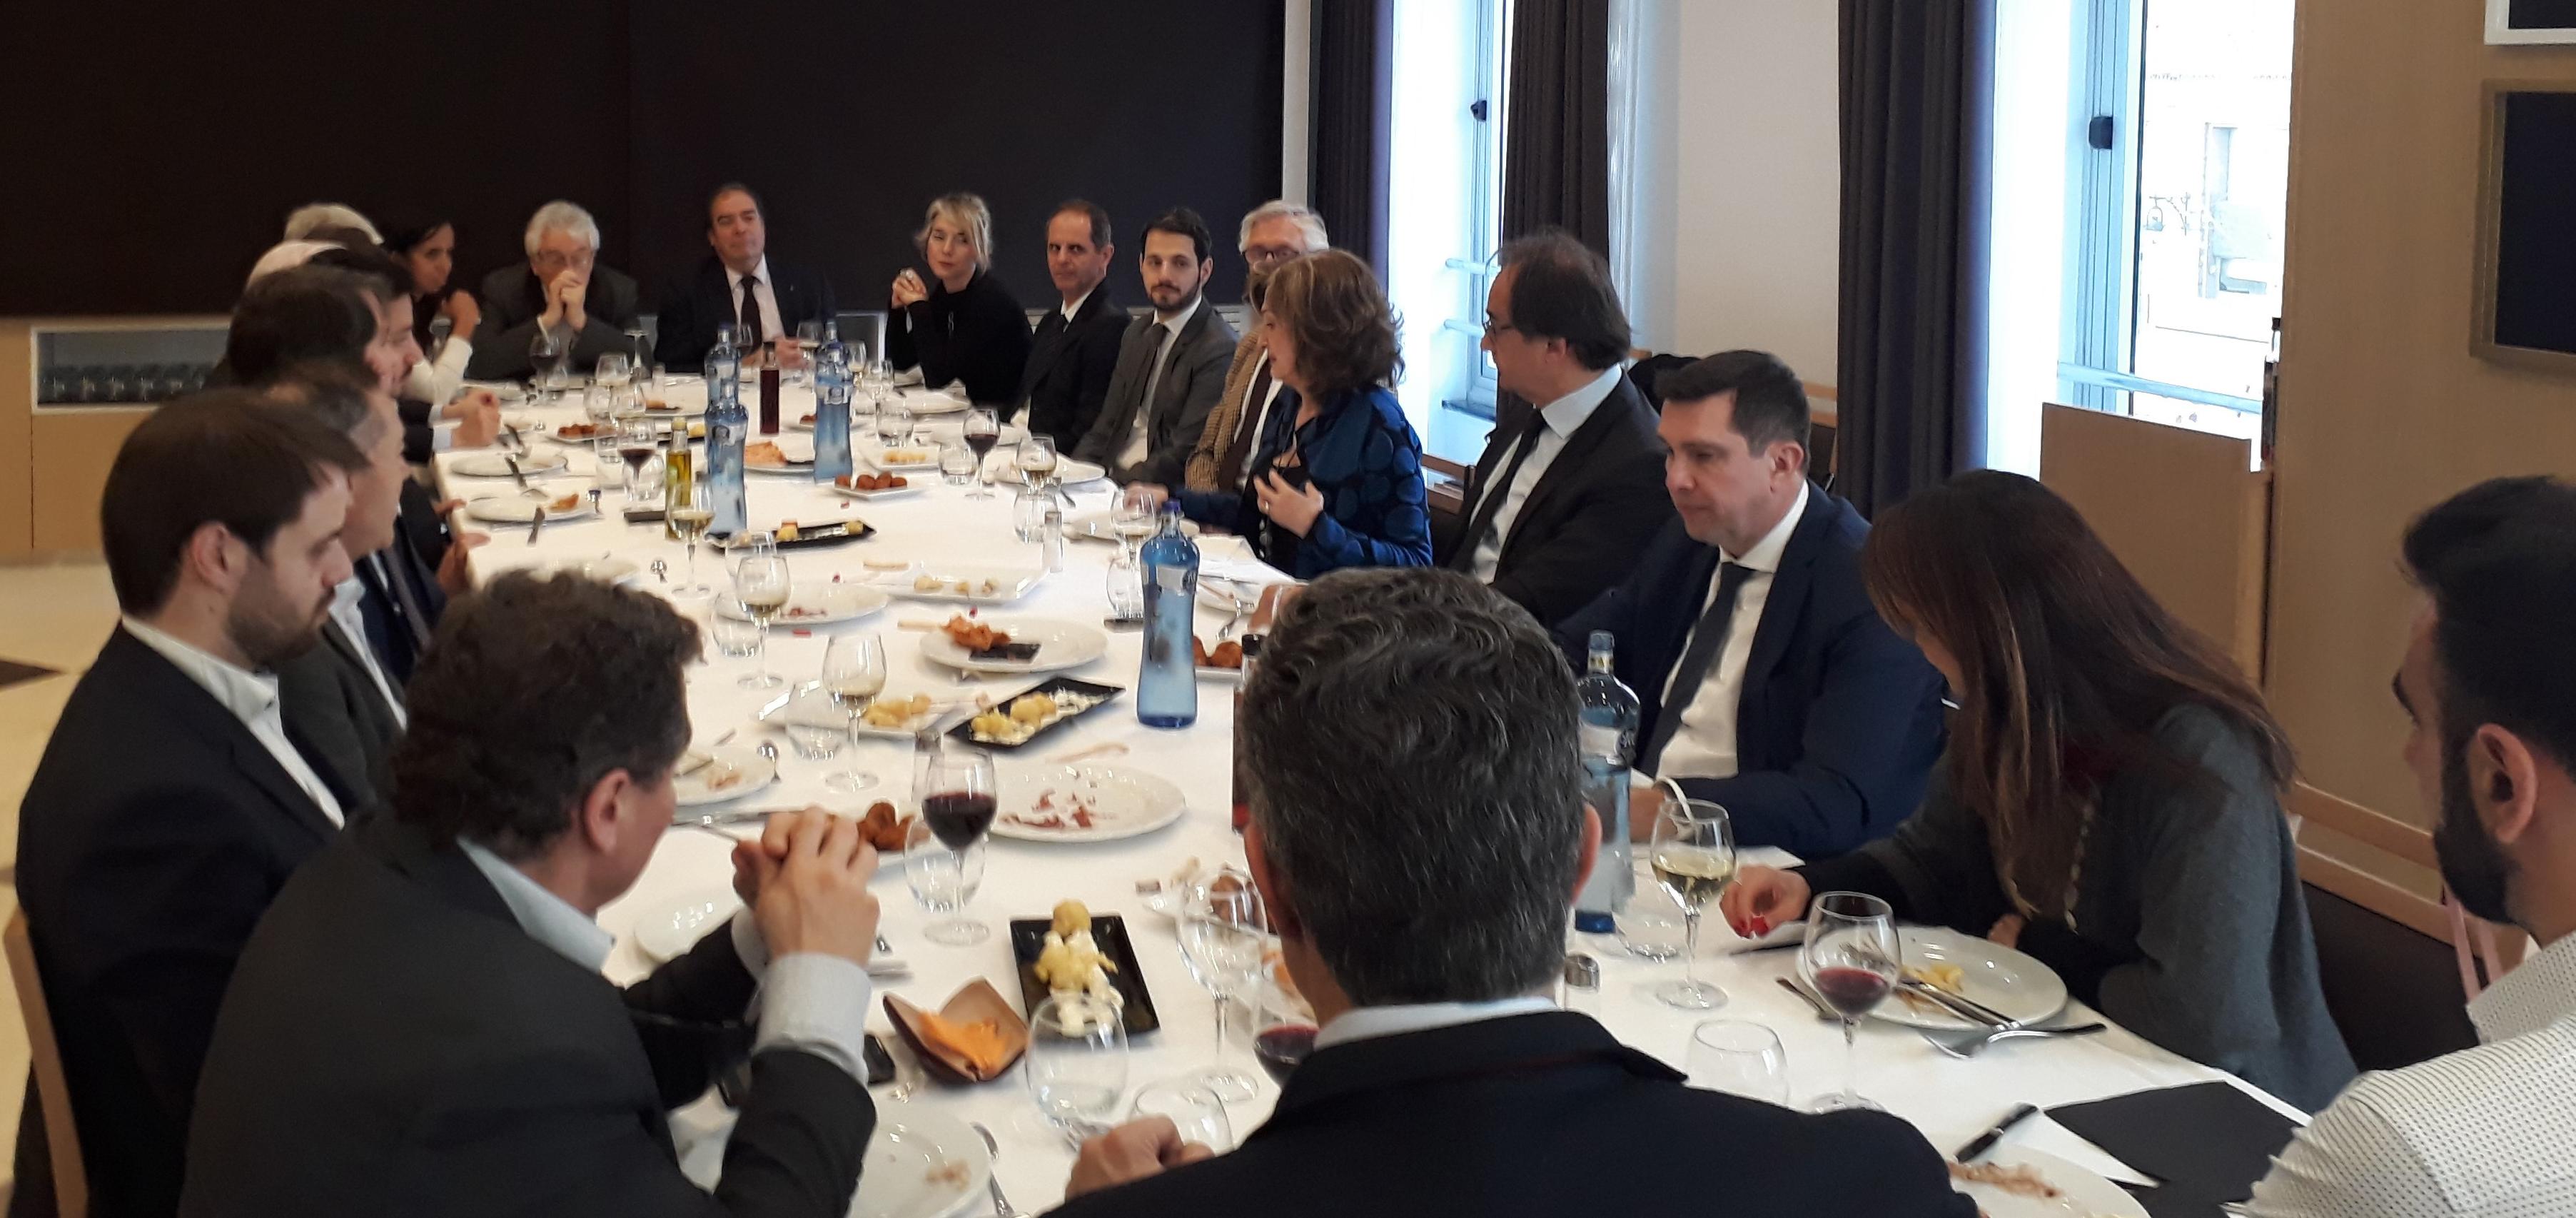 La CCBC celebra su crecimiento en reunión de Junta Directiva y Asamblea de Socios